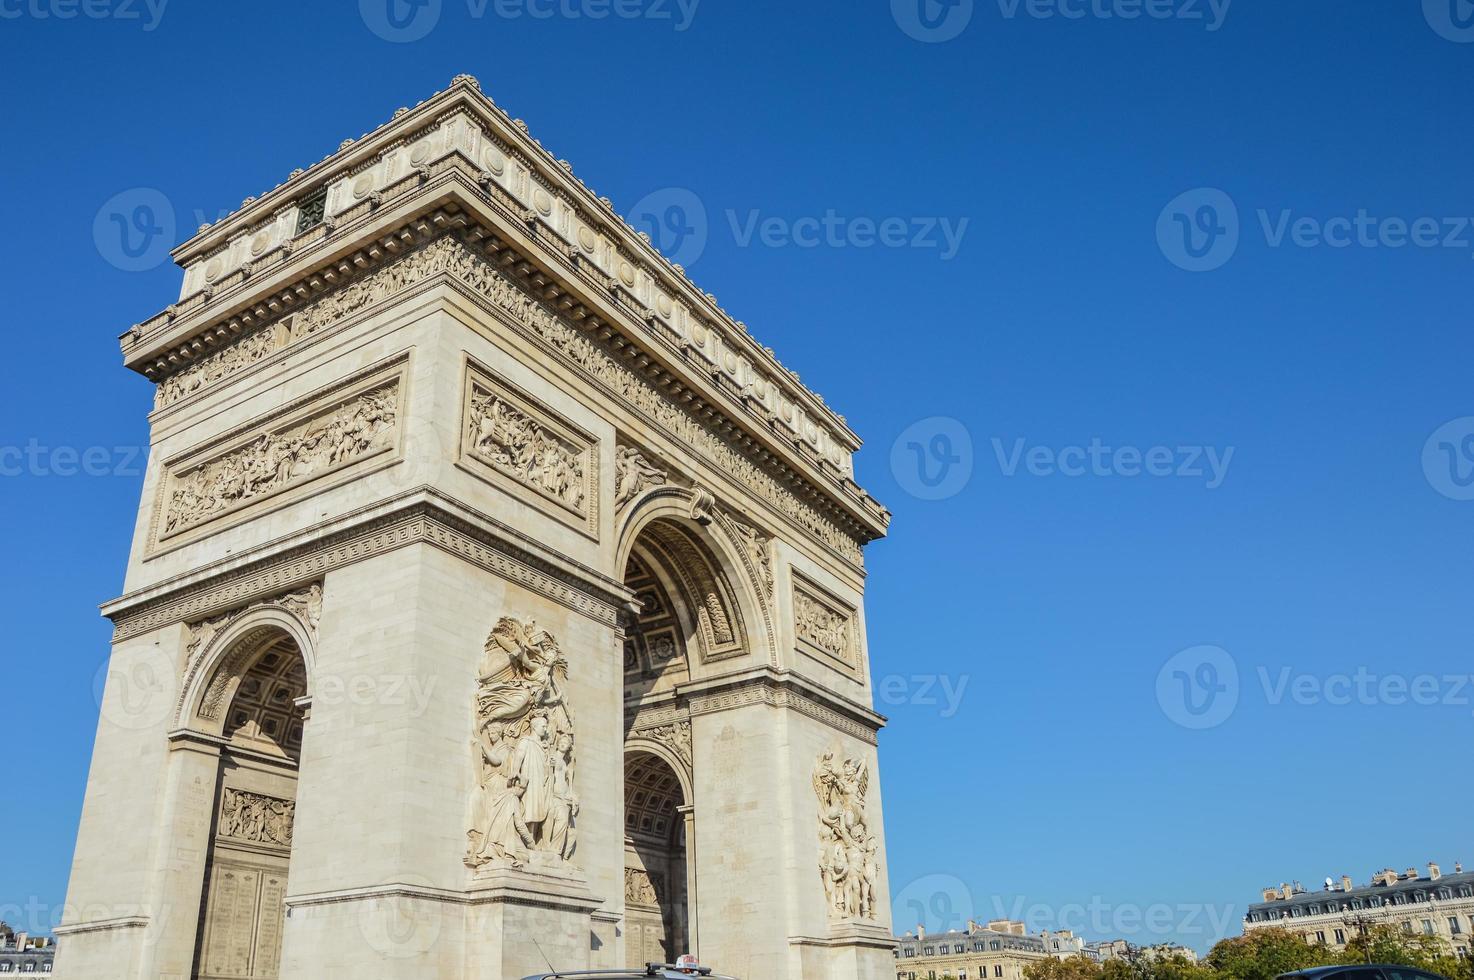 monumento do arco do triunfo em paris frança foto